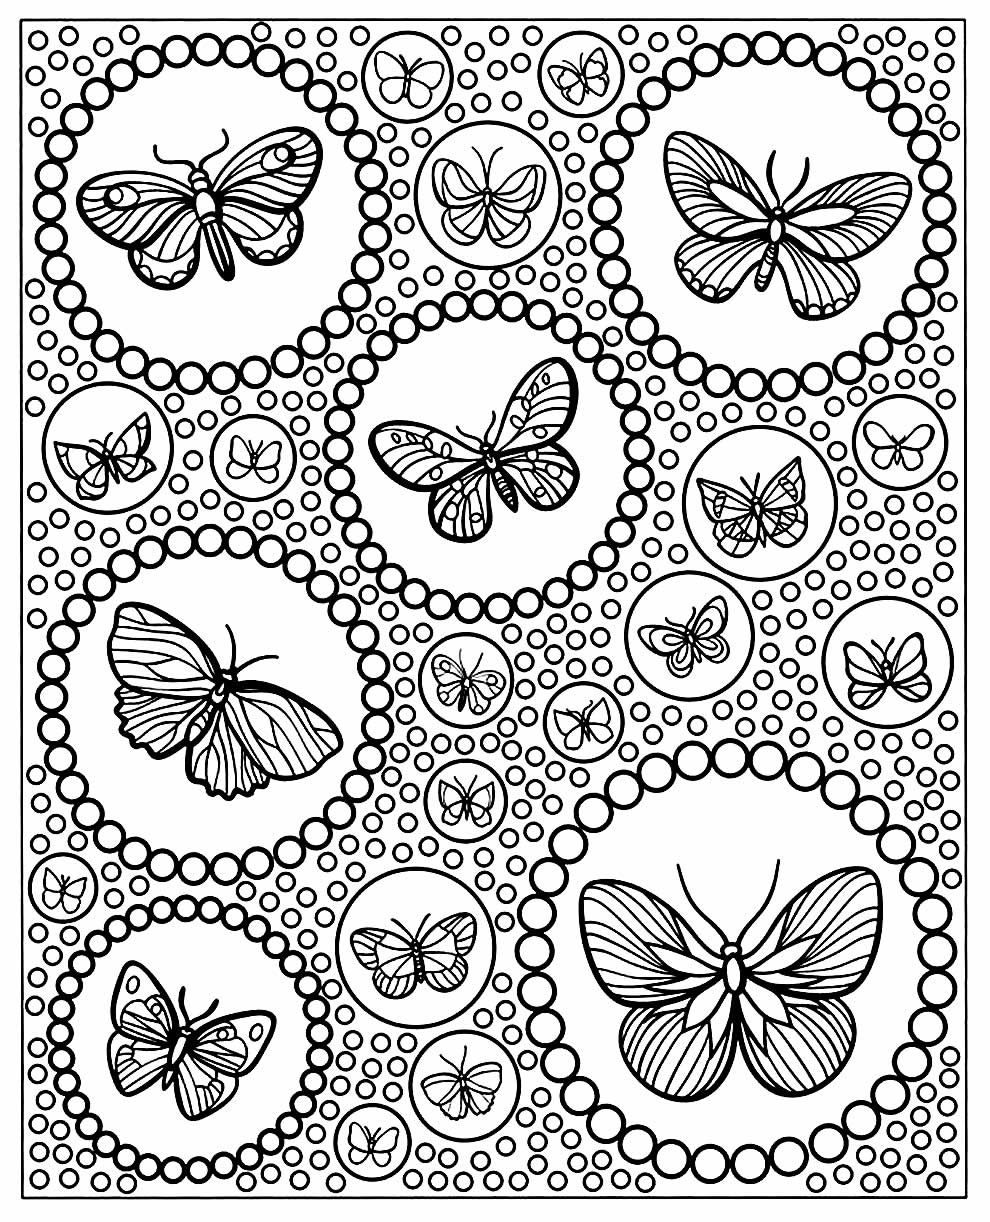 Molde de borboleta para pintar